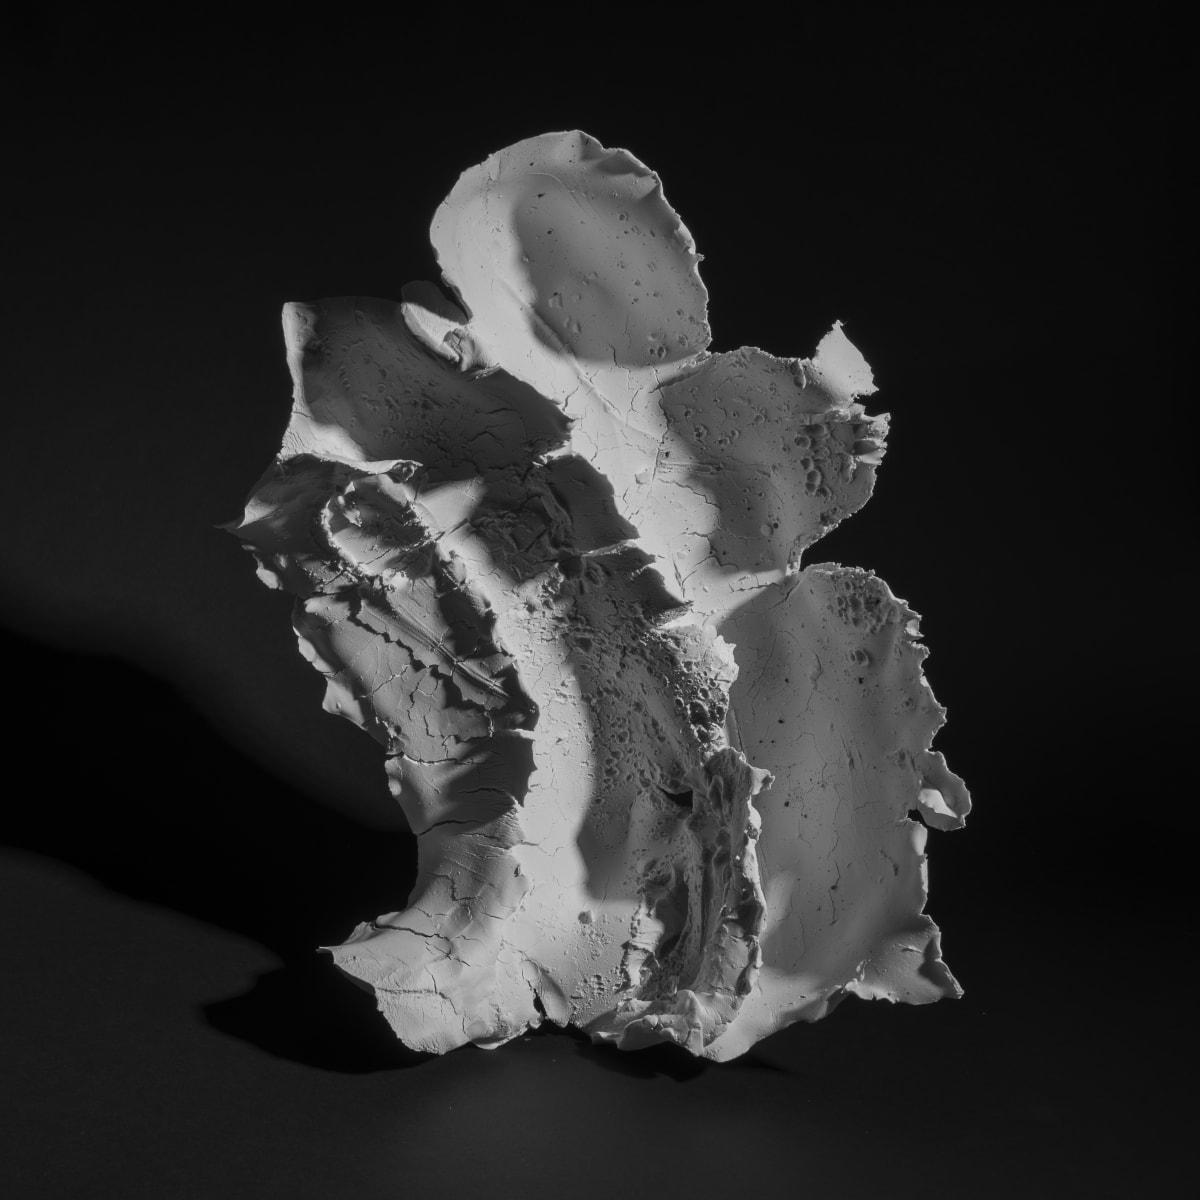 Attilio Quintili #01 senza titolo, 2016 Porcelain 48,5x42x15 cm 18.9 x 16.54 x 5.91 in